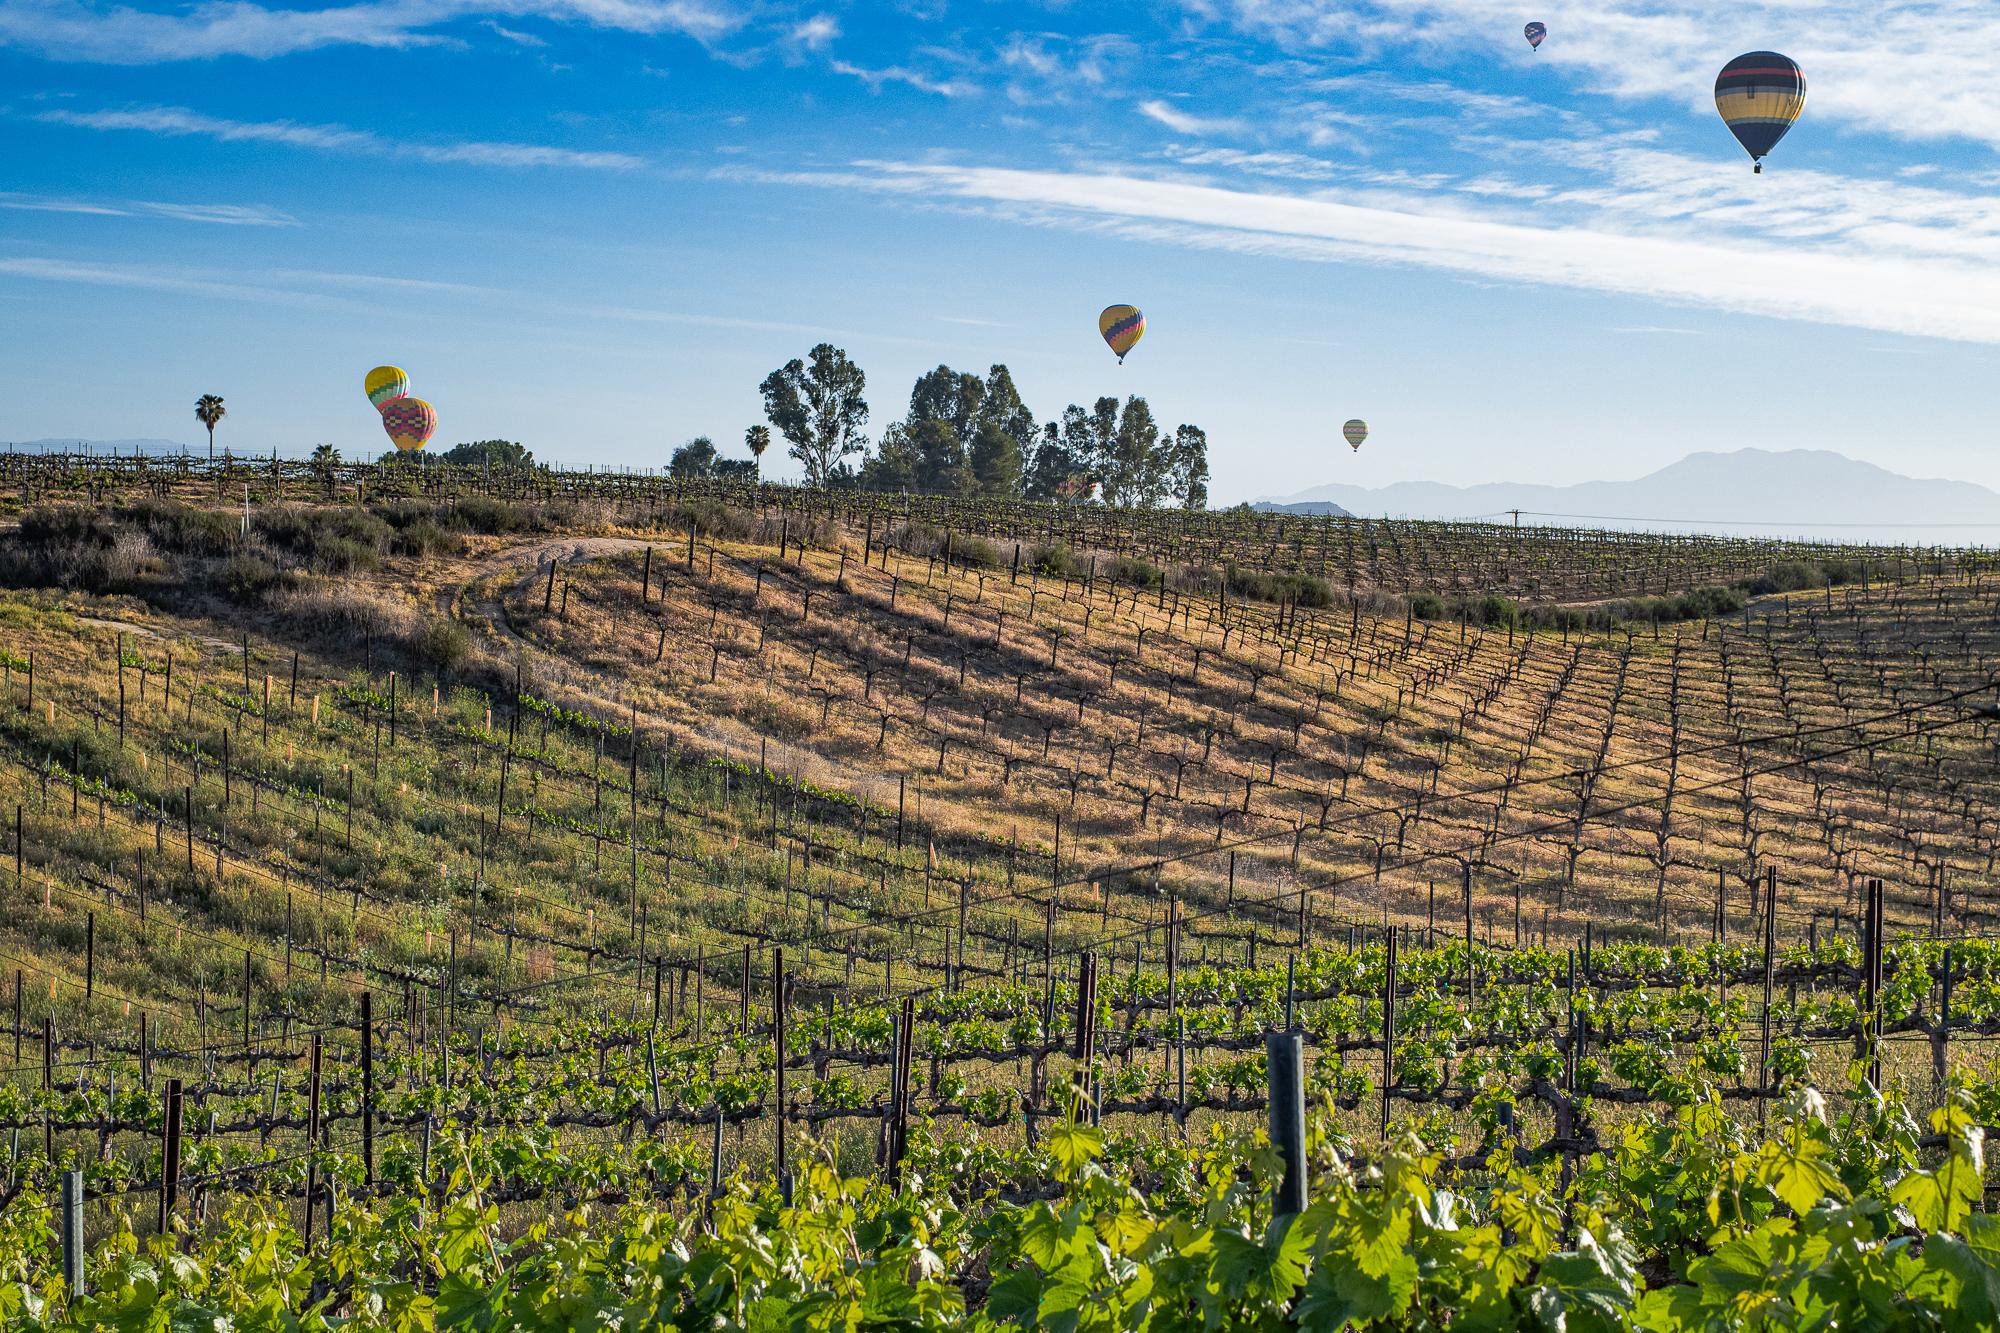 Hot Air Balloons above Vineyards, Temecula, CA